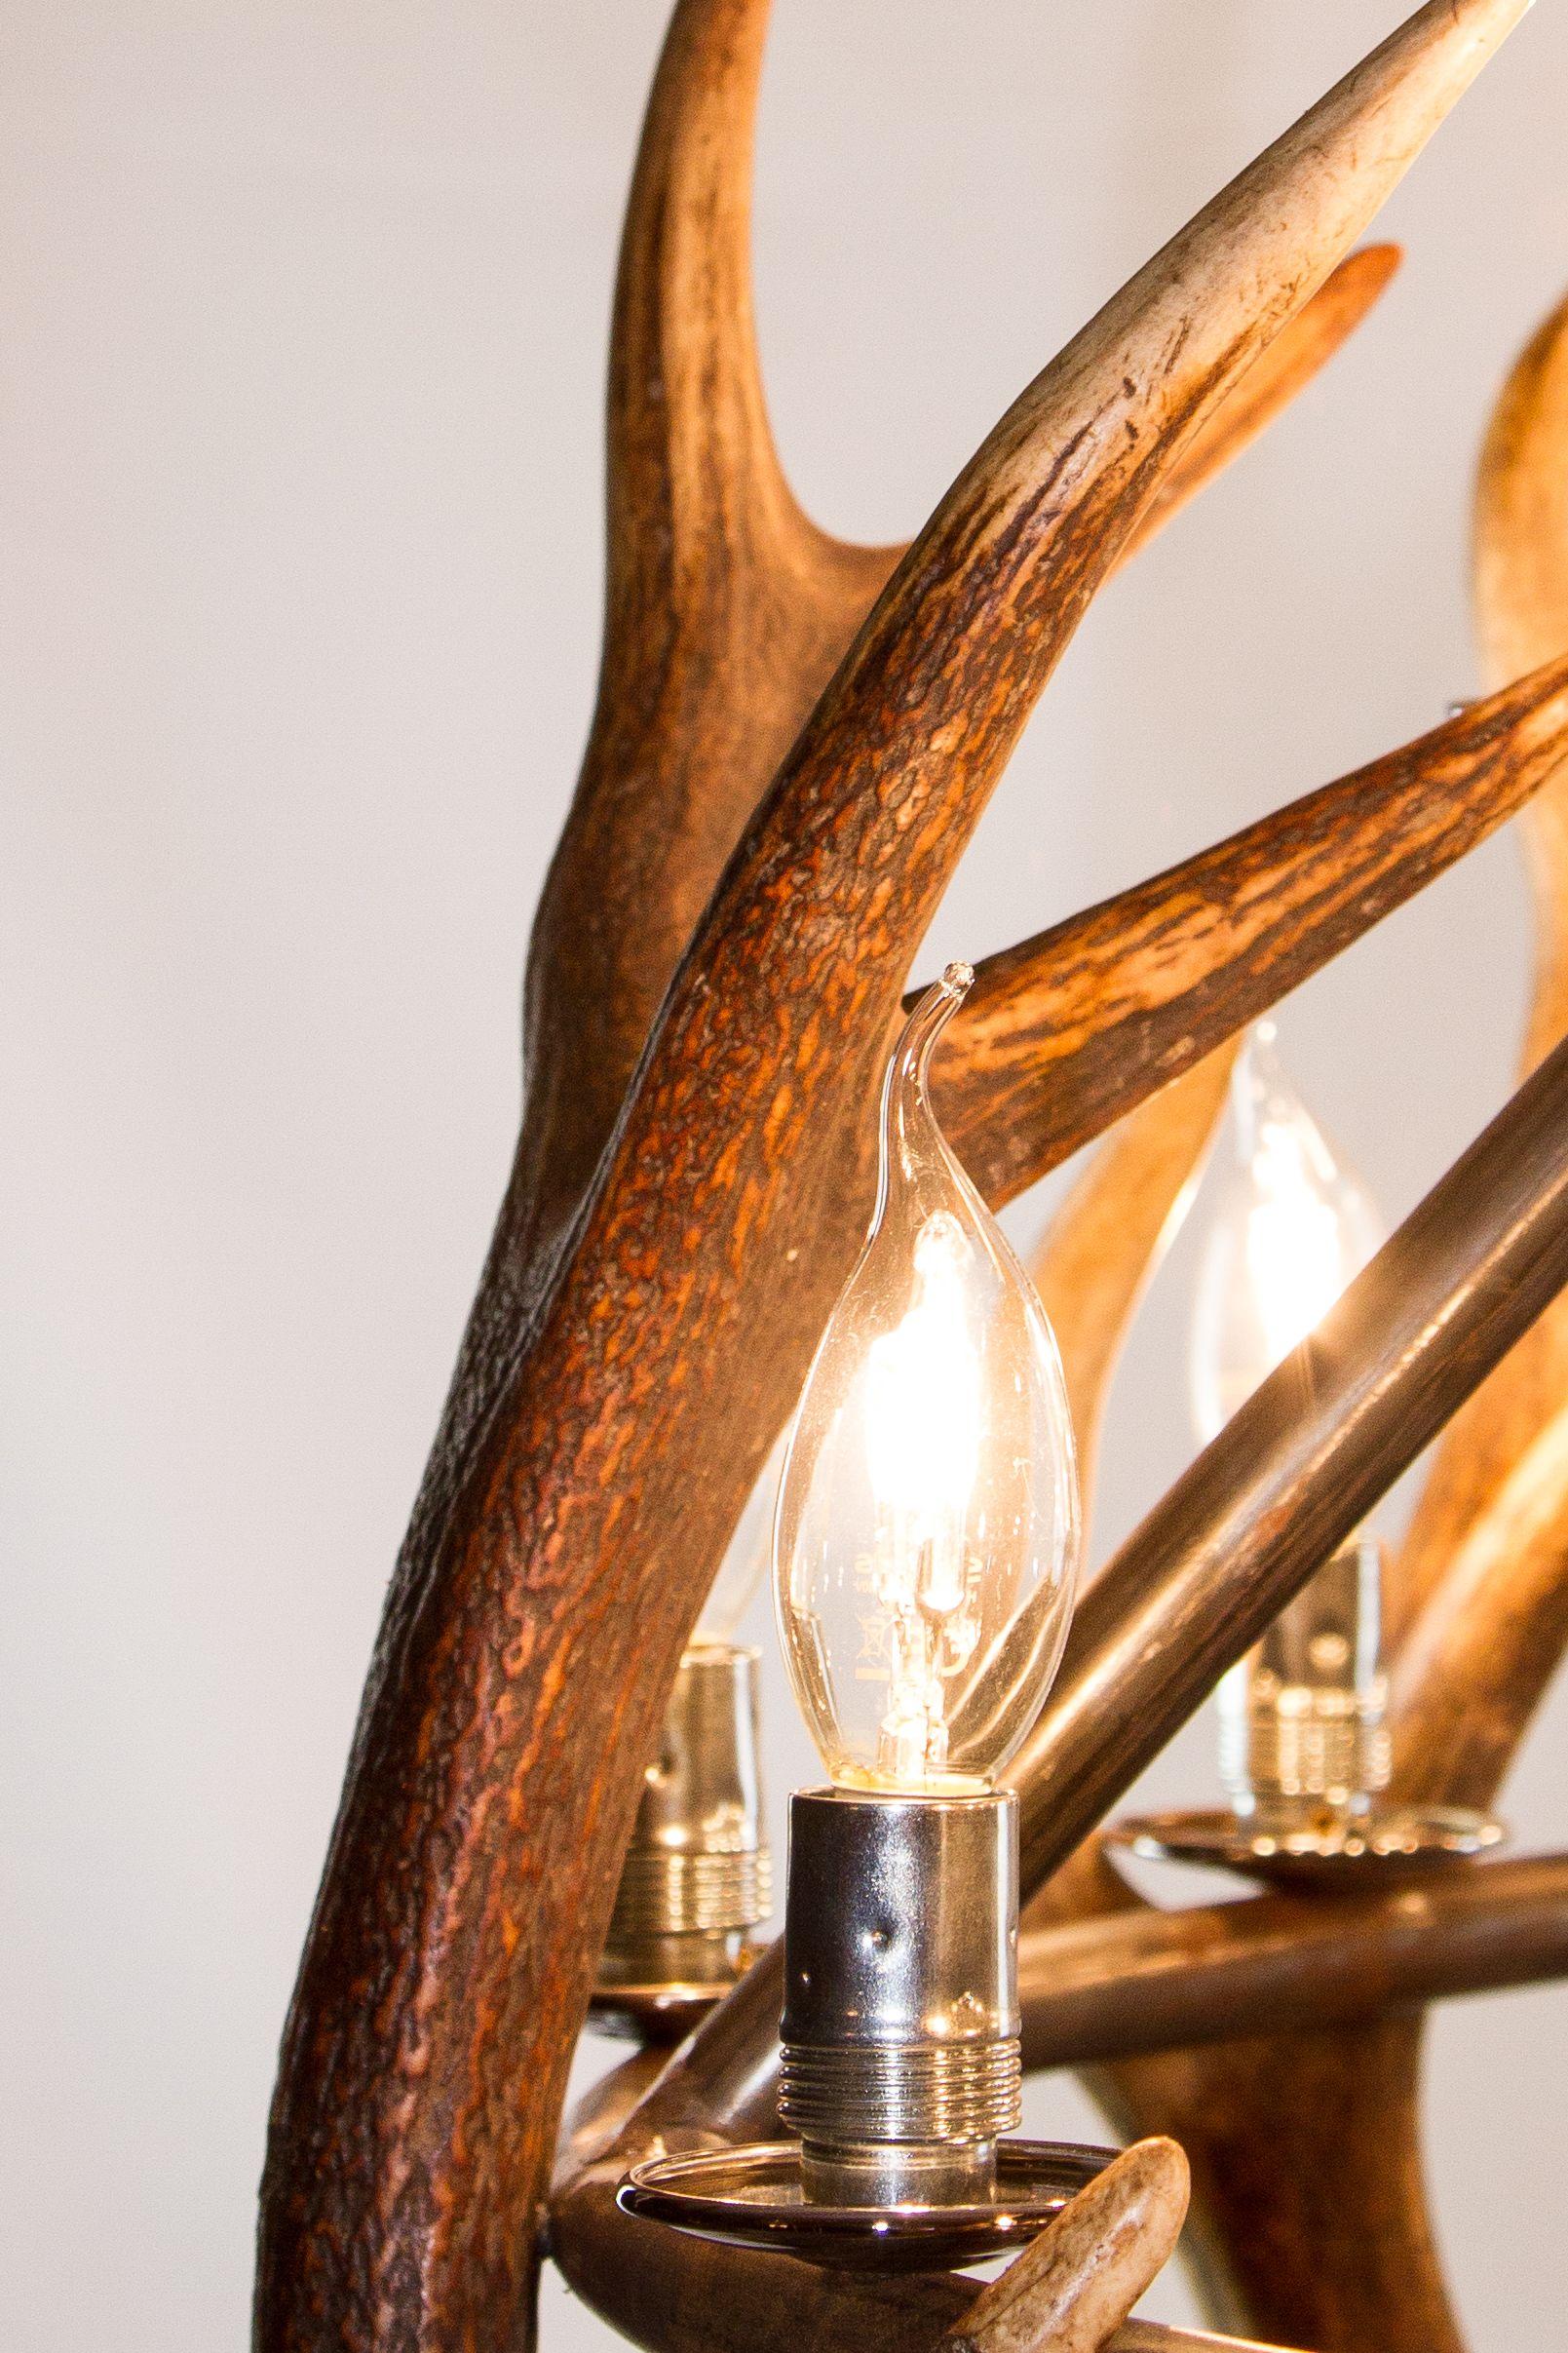 #light #lighting #handmadelights #lamps #verlichting #lampen #woodenlamps #hertengewei #hout #drijfhout #vakmanschap #craftsmanship #lutciamarechal #lightdesign #interiordesign www.exclusieve-verlichting.eu